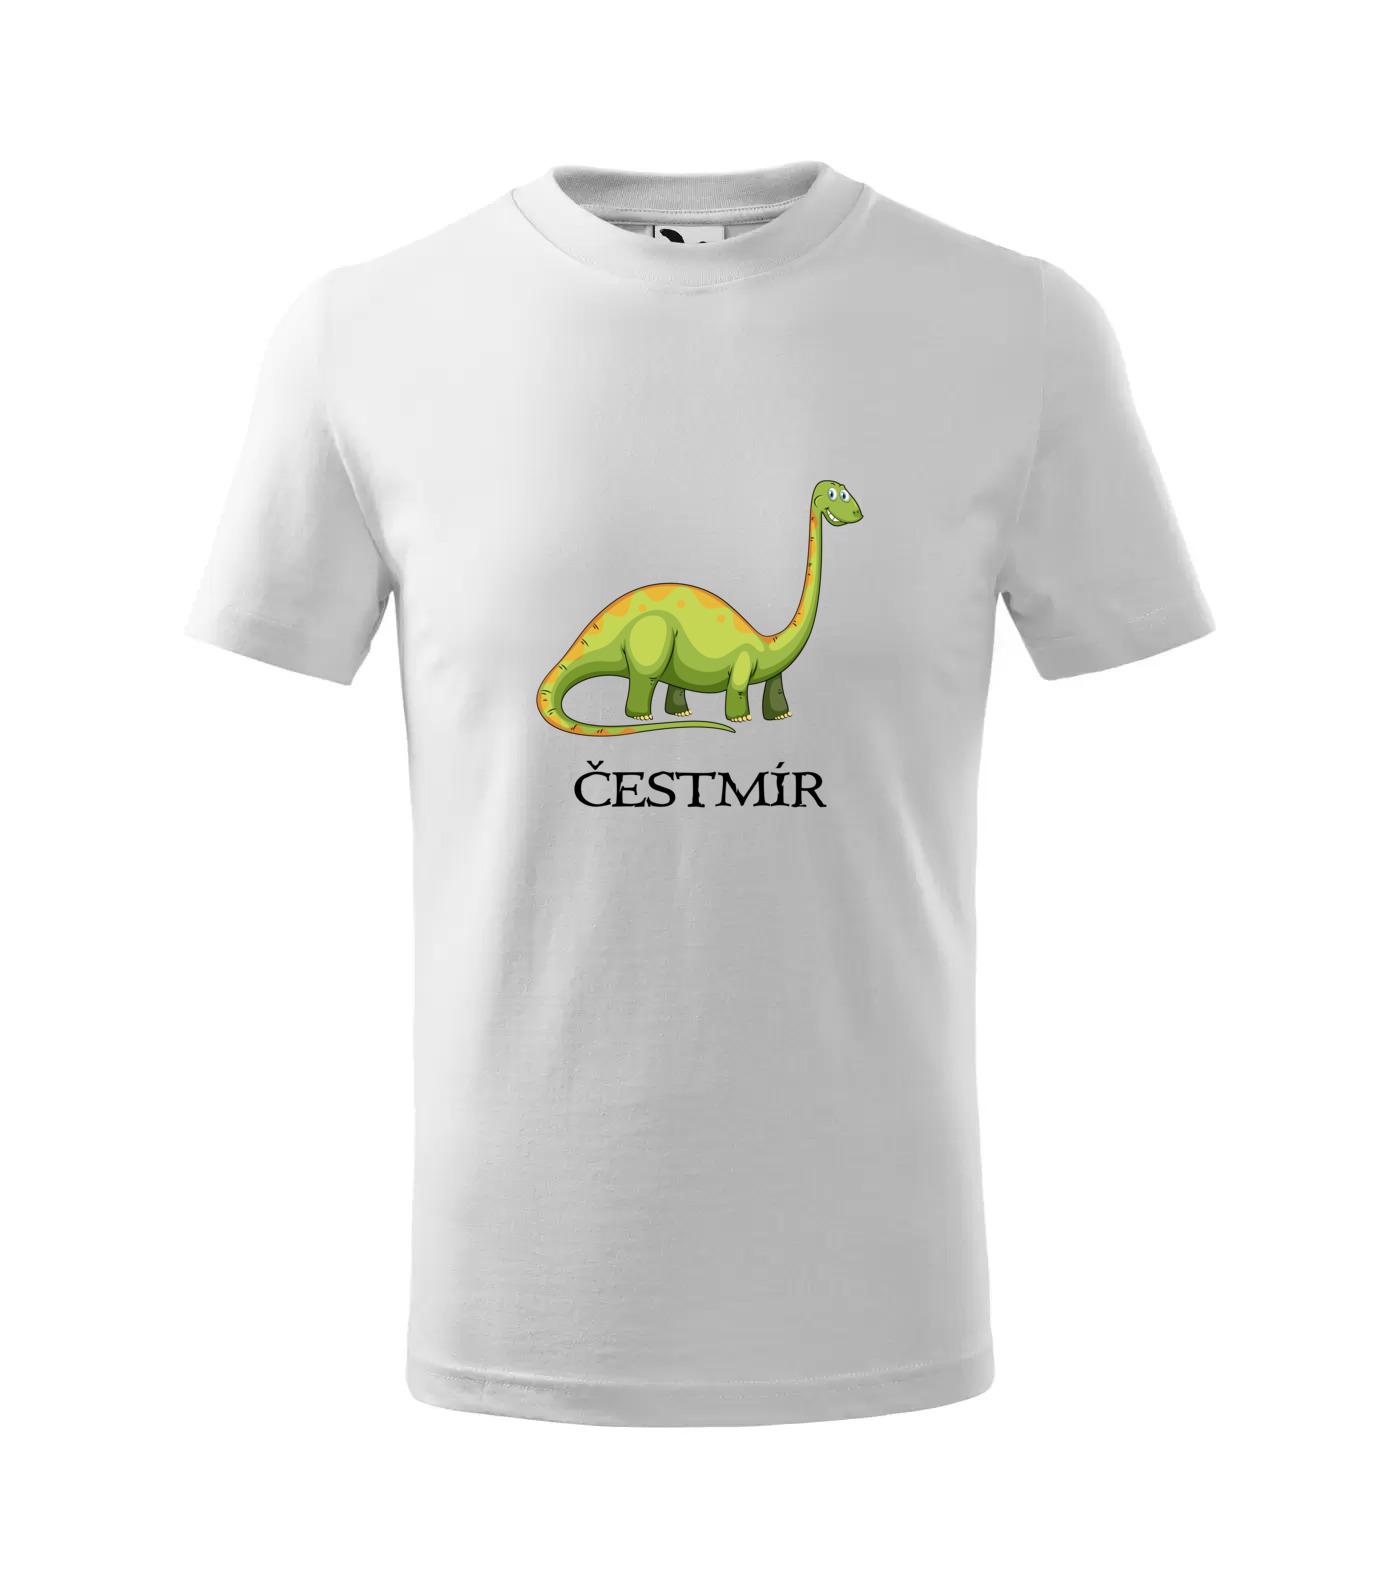 Tričko Dinosaurus Čestmír